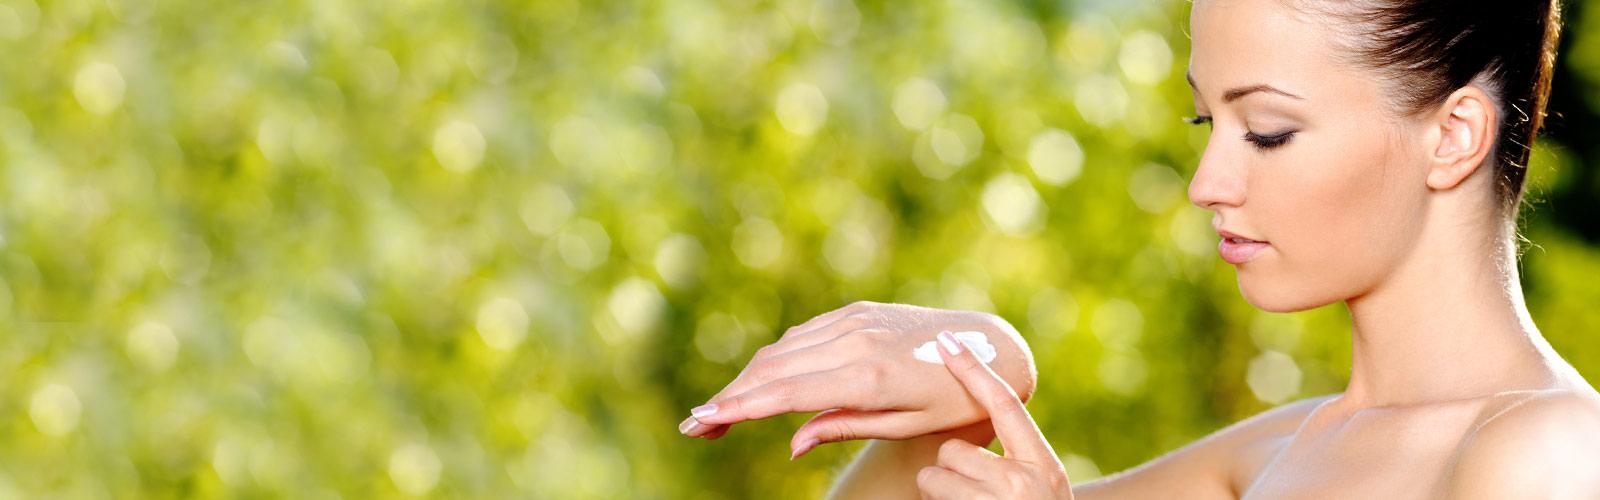 Bio Pflegeprodukte aus hochwertiger Stutenmilch